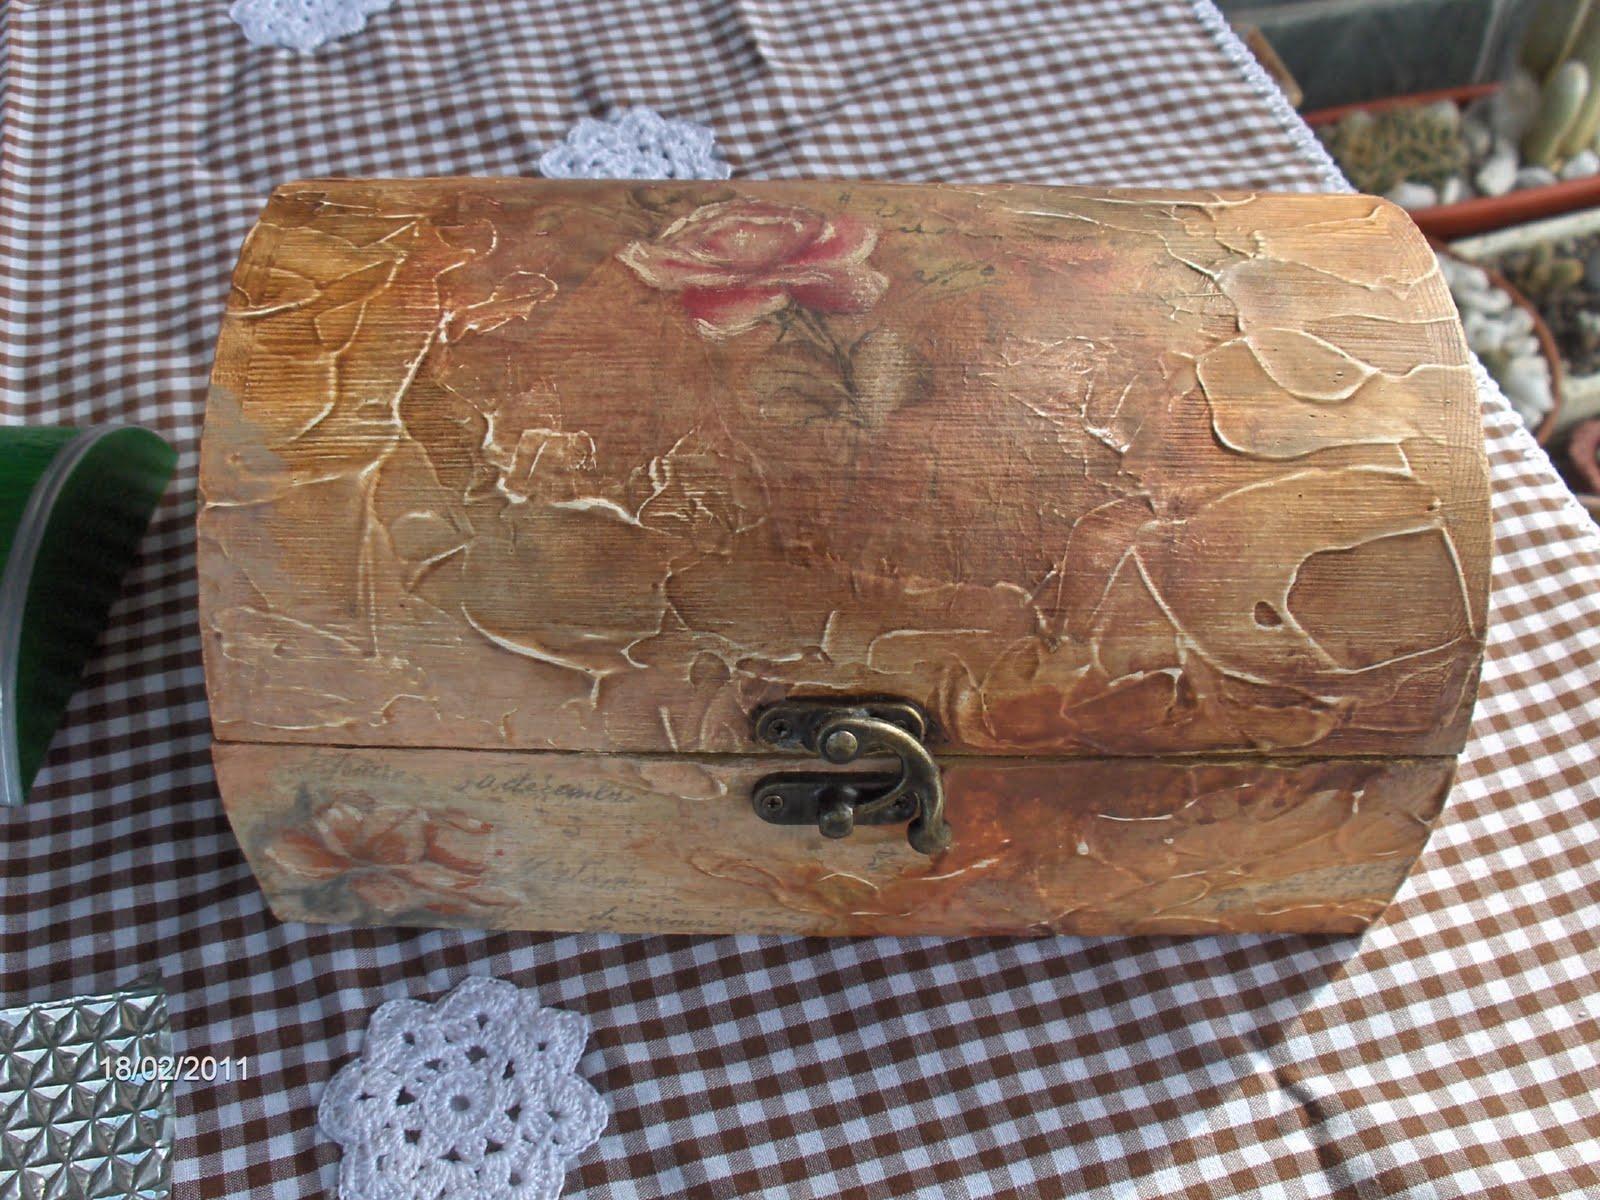 Aprendiz caja de madera decorada con gesso y decoupage - Cajas de vino de madera decoradas ...